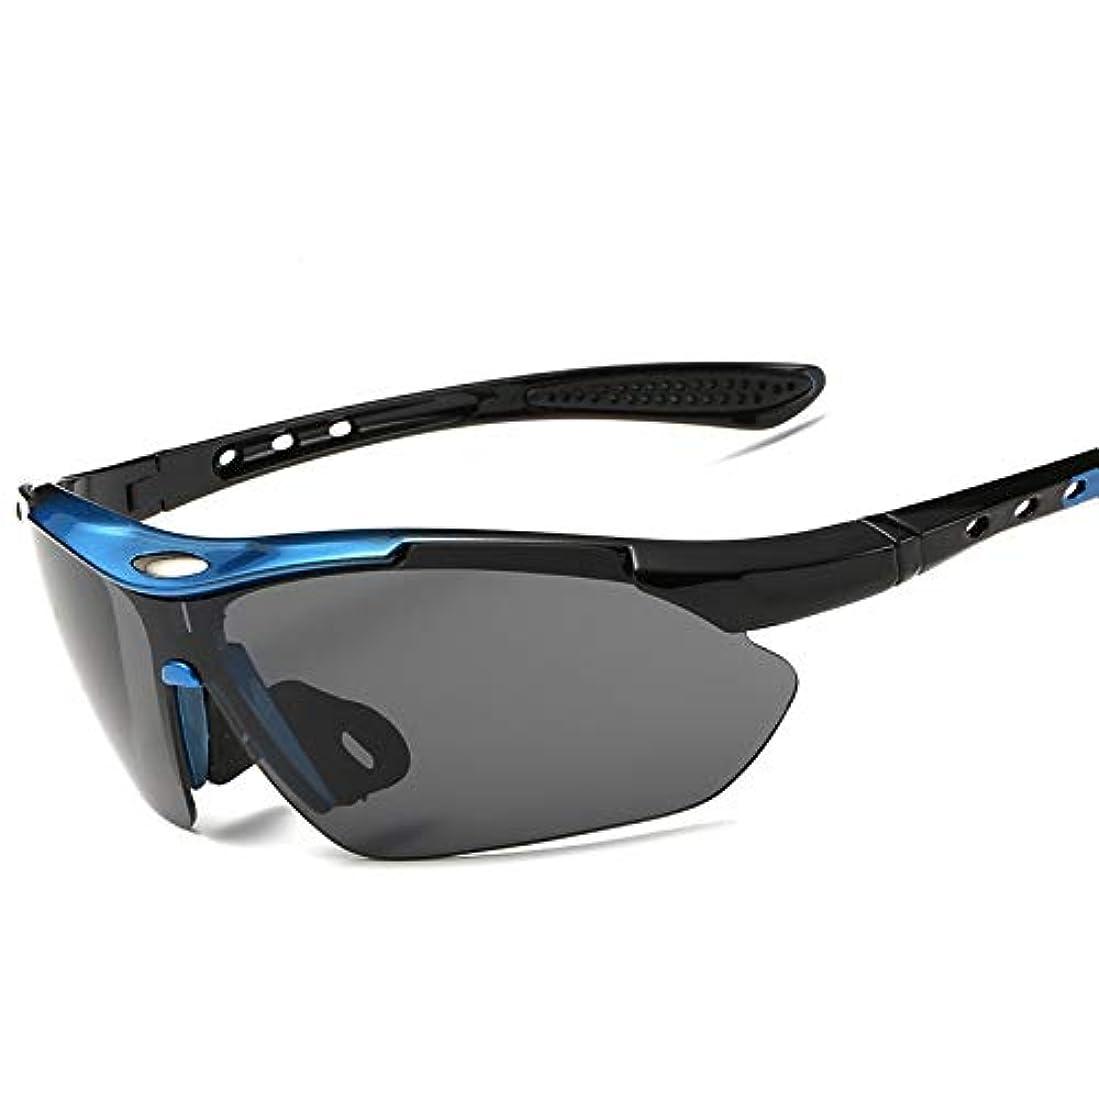 起きている盆地疼痛スポーツスキーゴーグル サイクリングサングラス ゴーグル Zhenku自転車乗りは、男性防風メガネを実行している女性のゴーグルメガネスポーツサングラスメガネ (Color : C9)